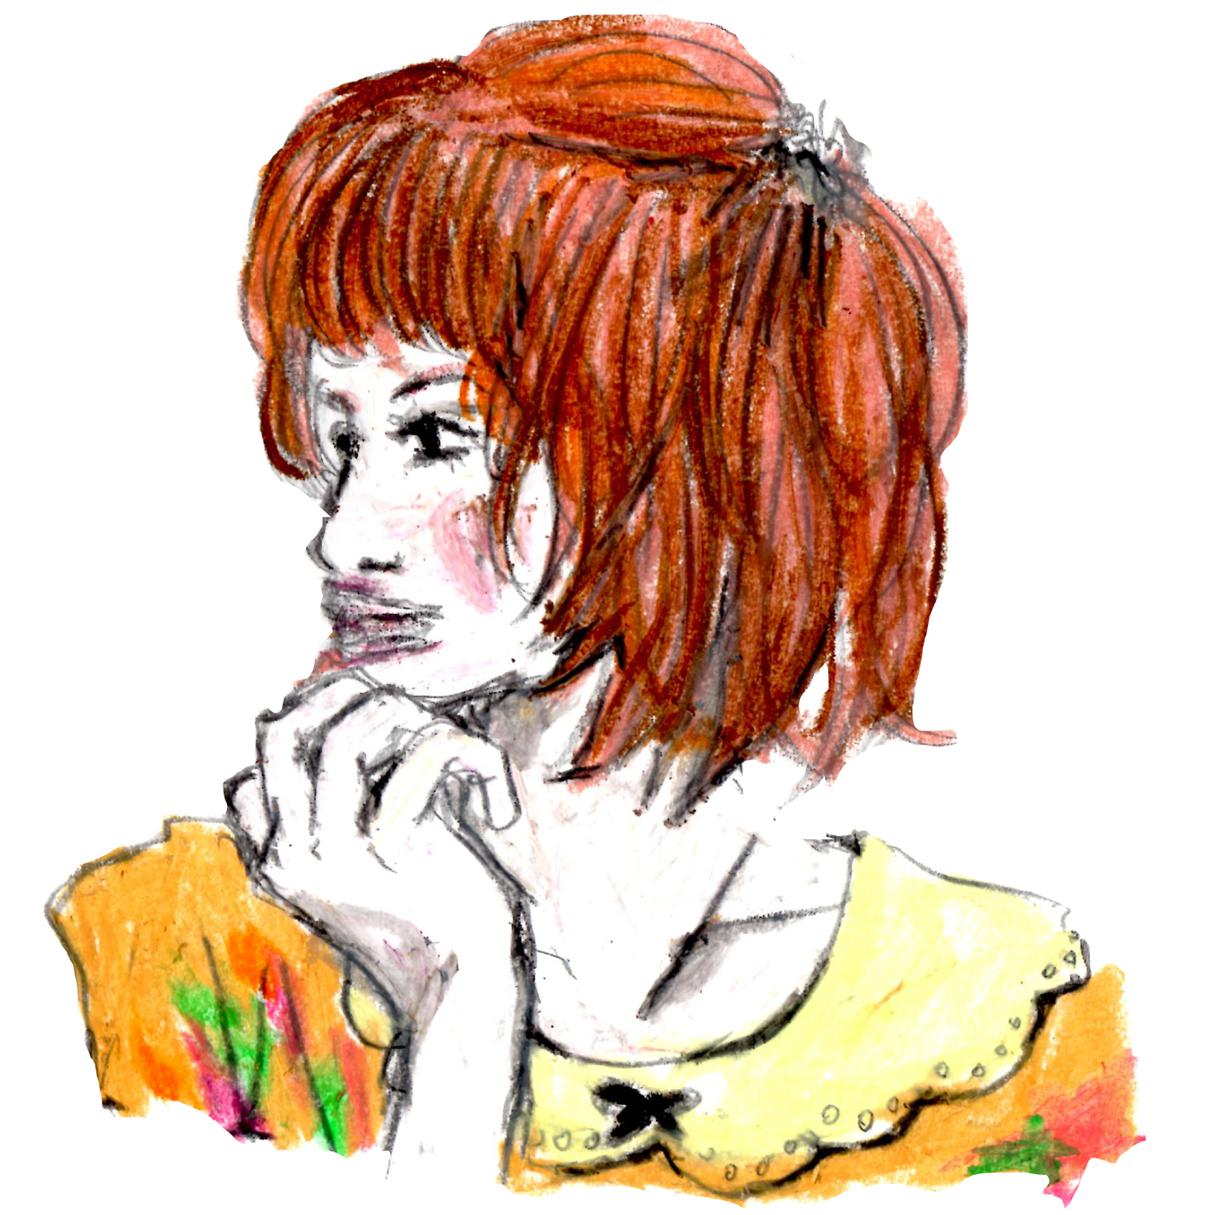 クレヨンでイラスト描きます!